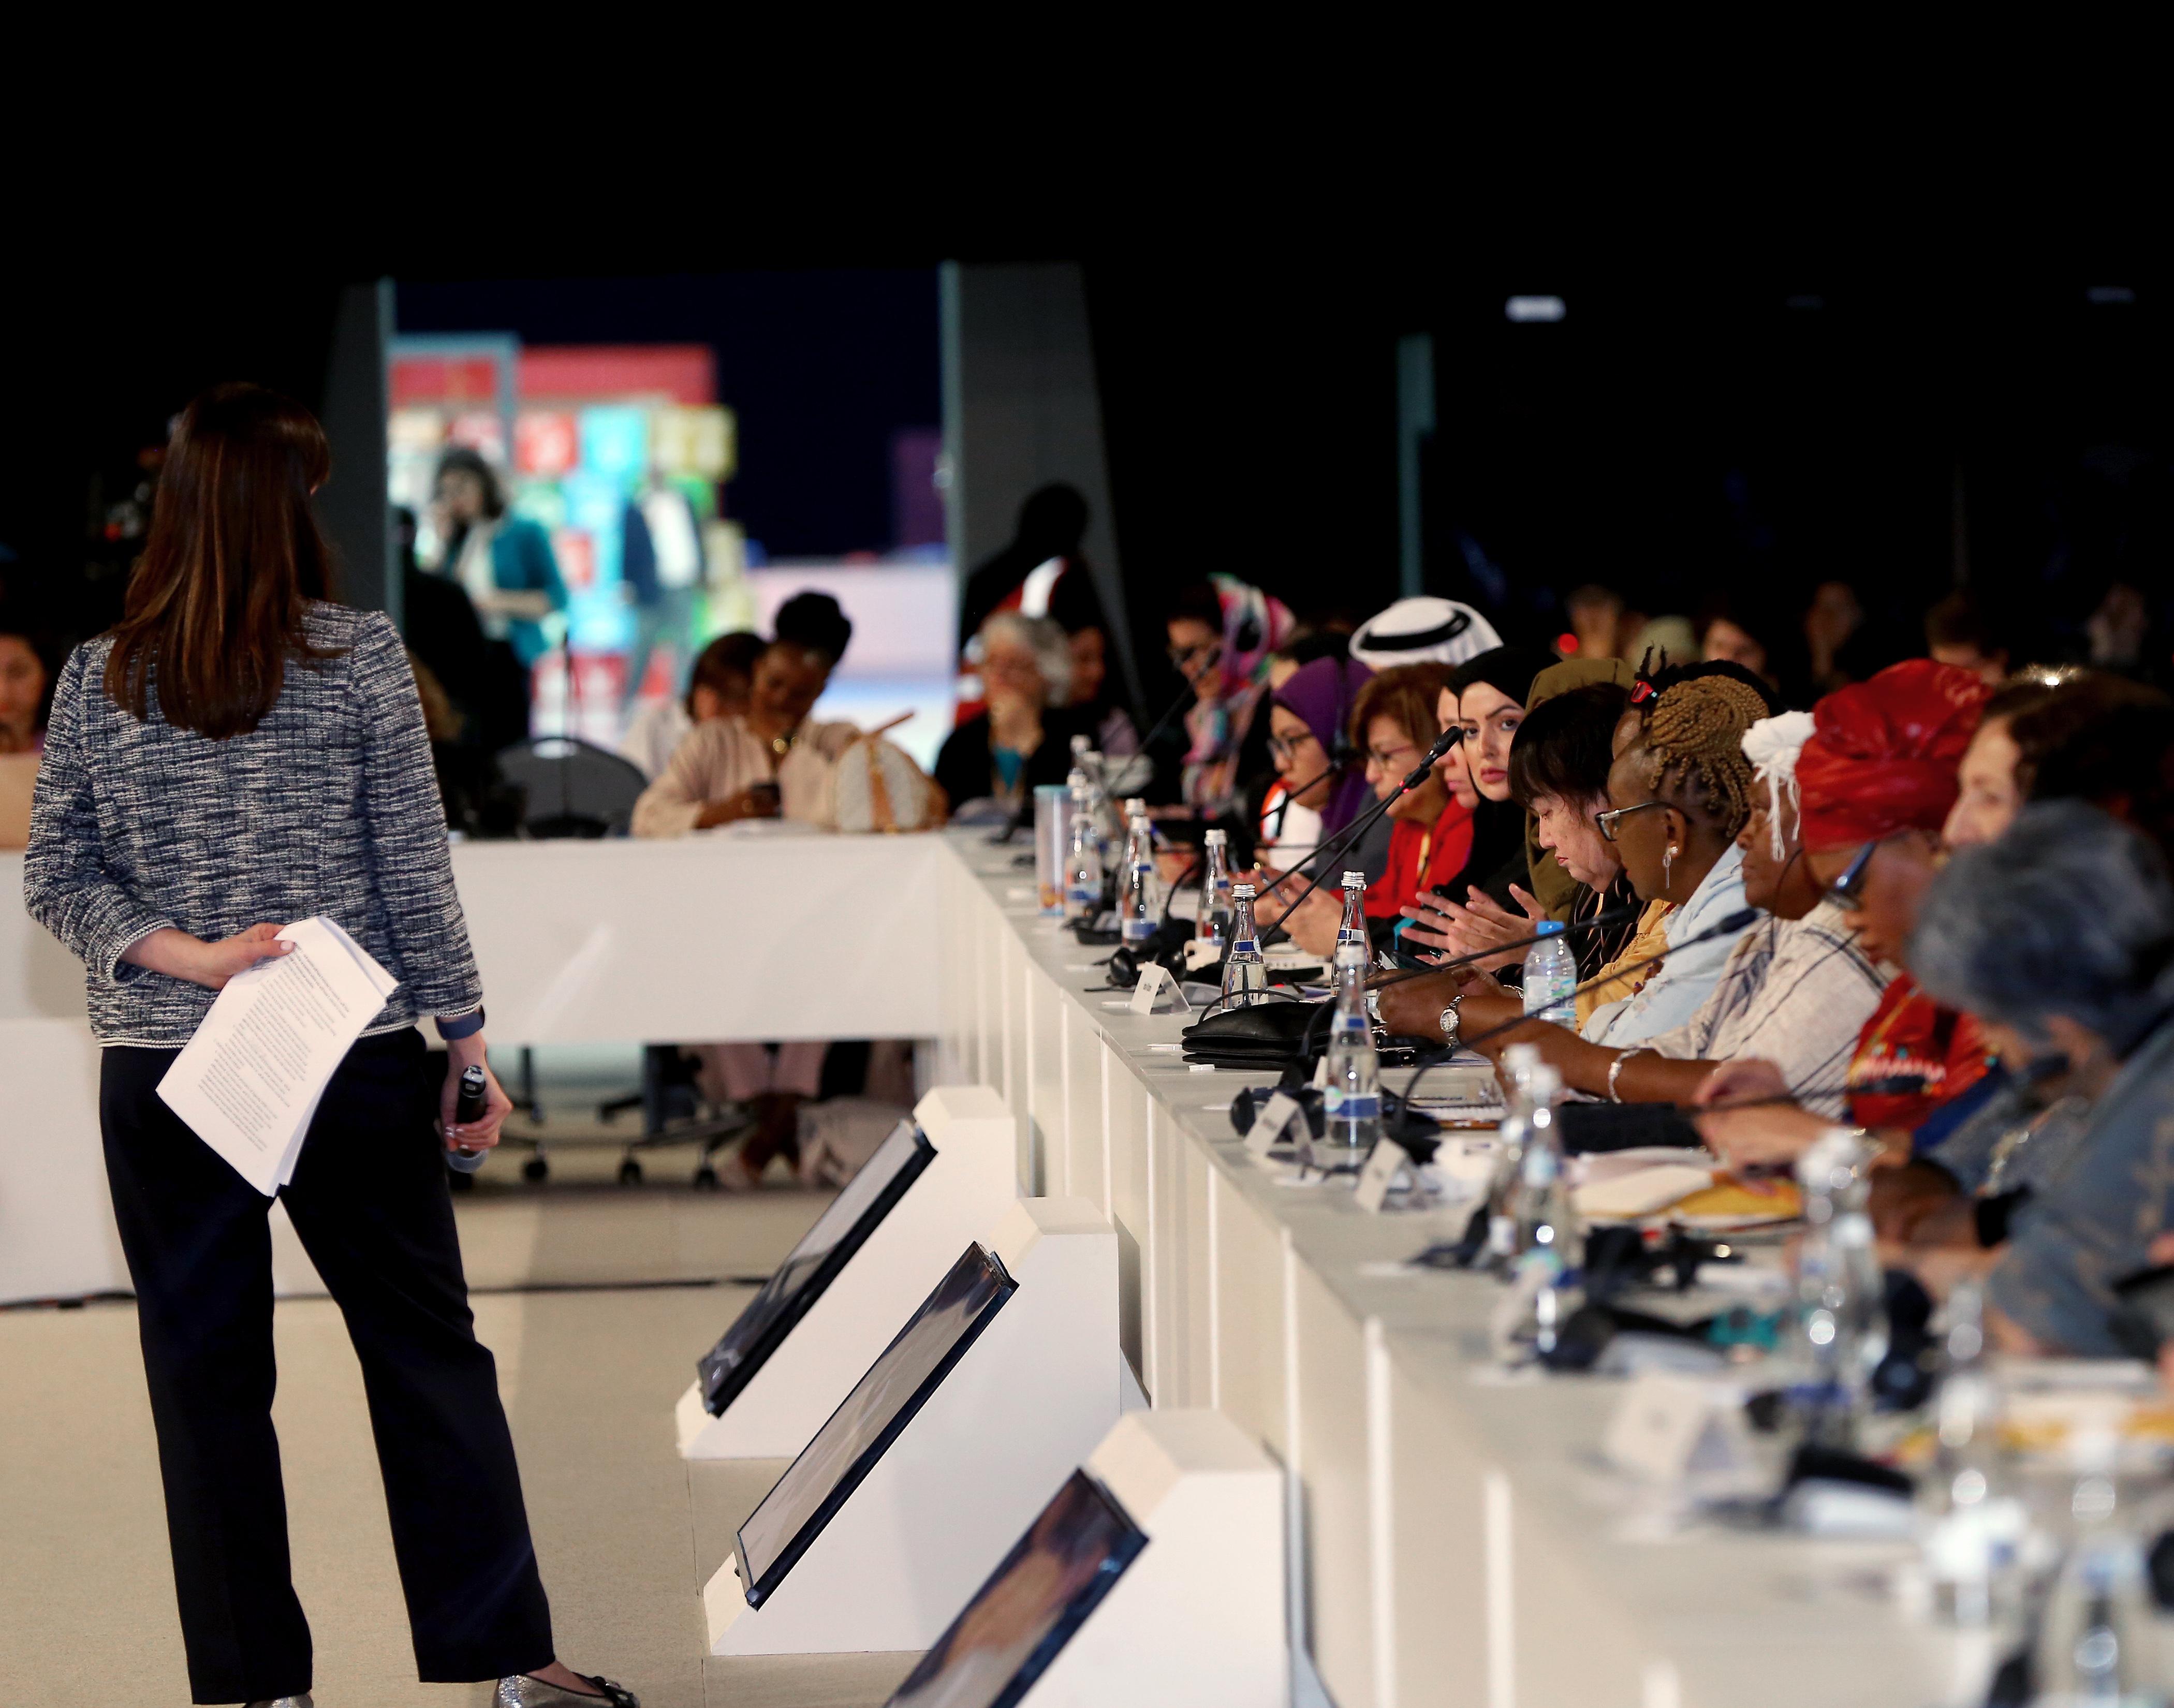 ¿Cuáles son los mayores retos para la igualdad de género en las ciudades?